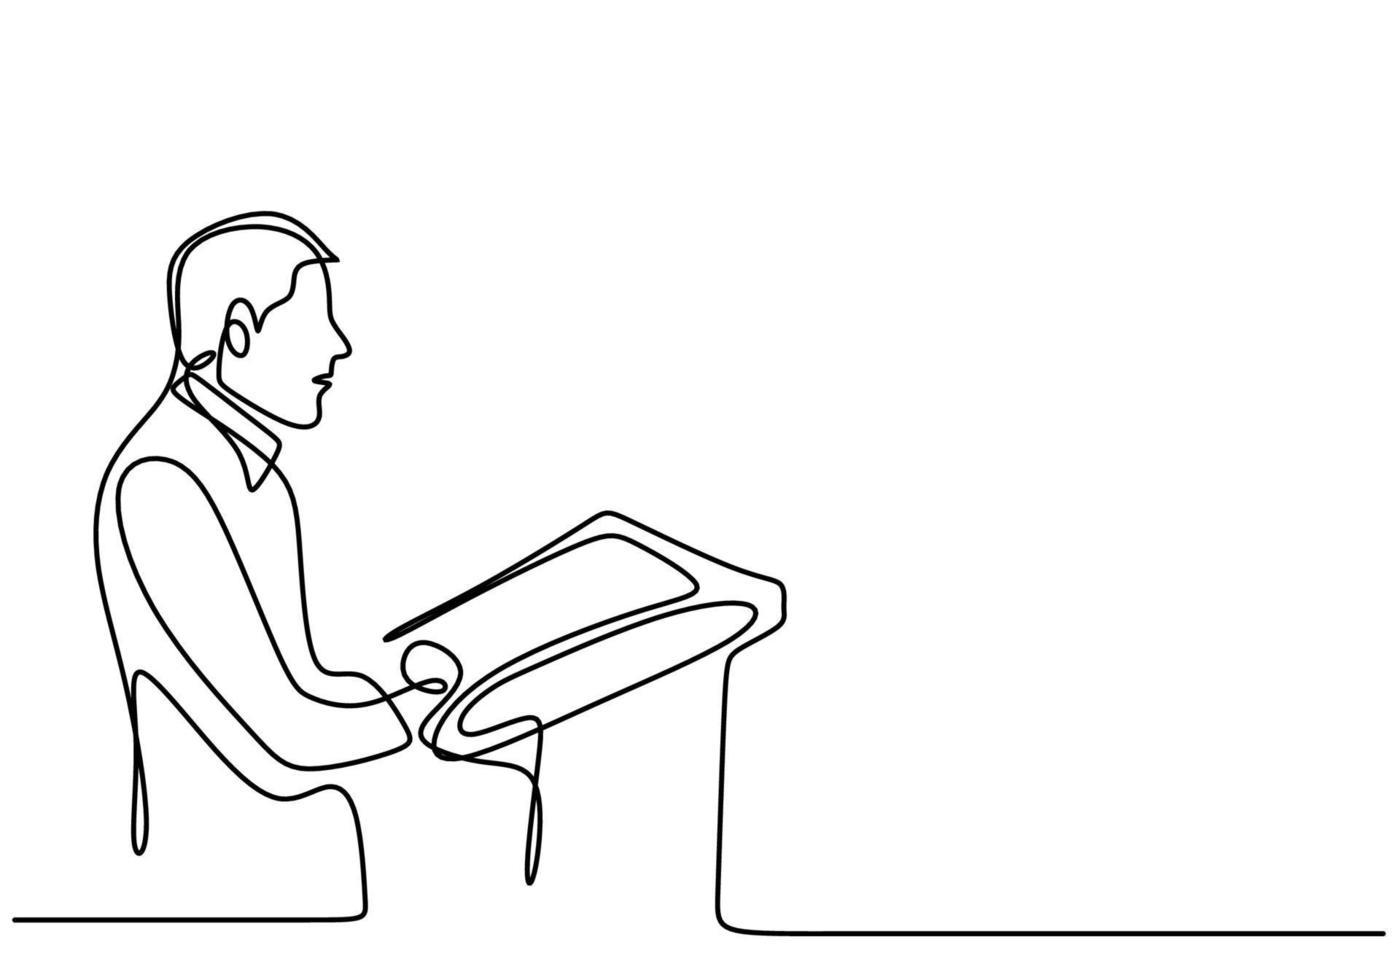 uma política de caráter contínua de linha única desenhada de treinador de negócios falando um político fazendo um discurso transmite sua visão e missão. conceito de discurso com um homem no pódio. ilustração vetorial vetor